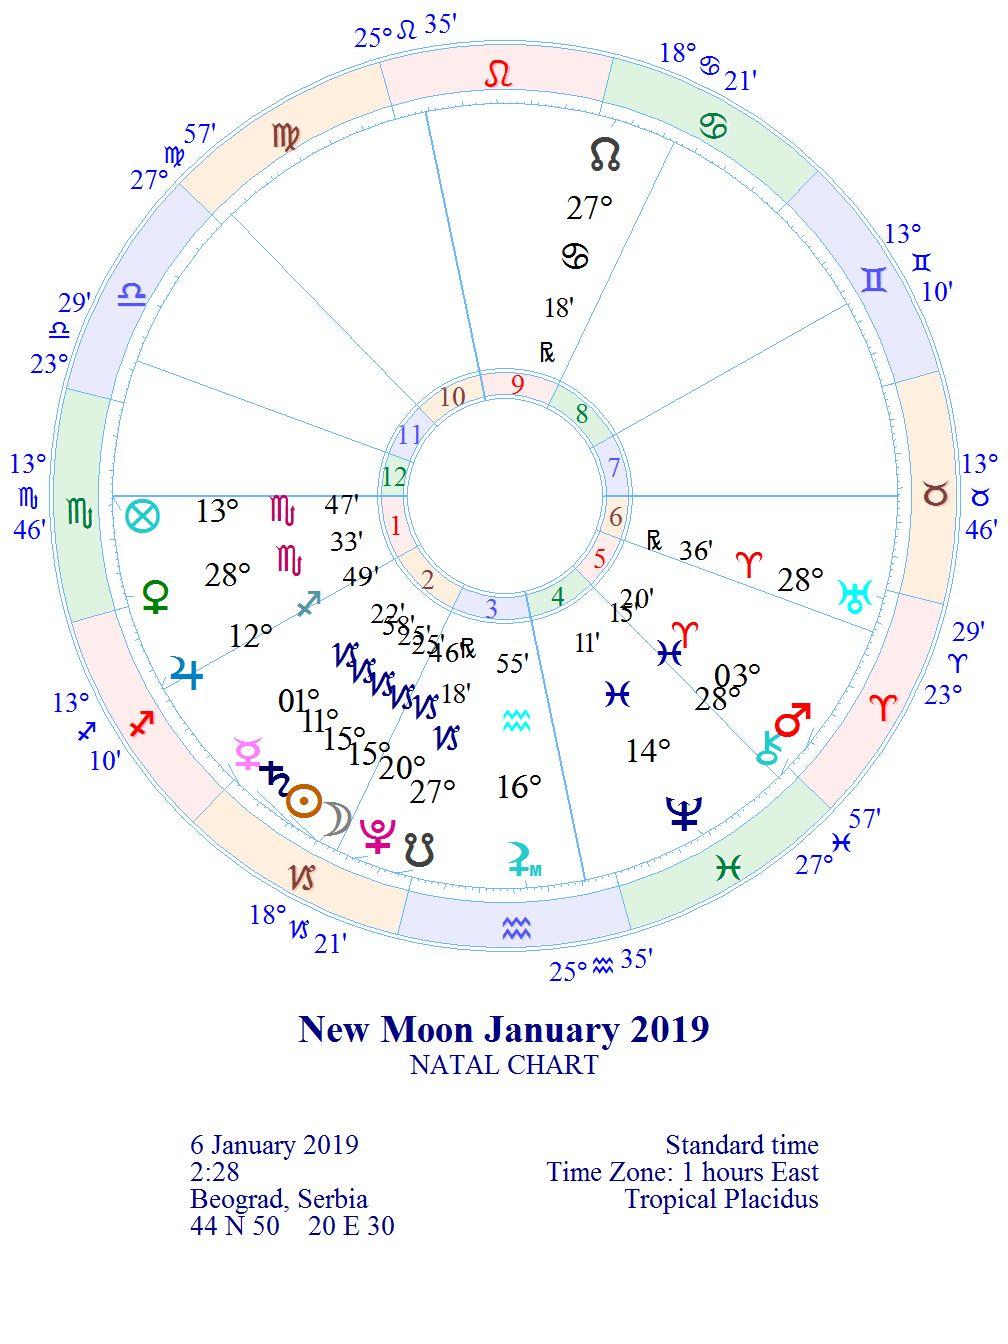 """NOVI LUNARNI CIKLUS 1. lunarni dan """"Svetiljka"""" 06.01. u 02:28 *MLAD MESEC 15° JARCA"""